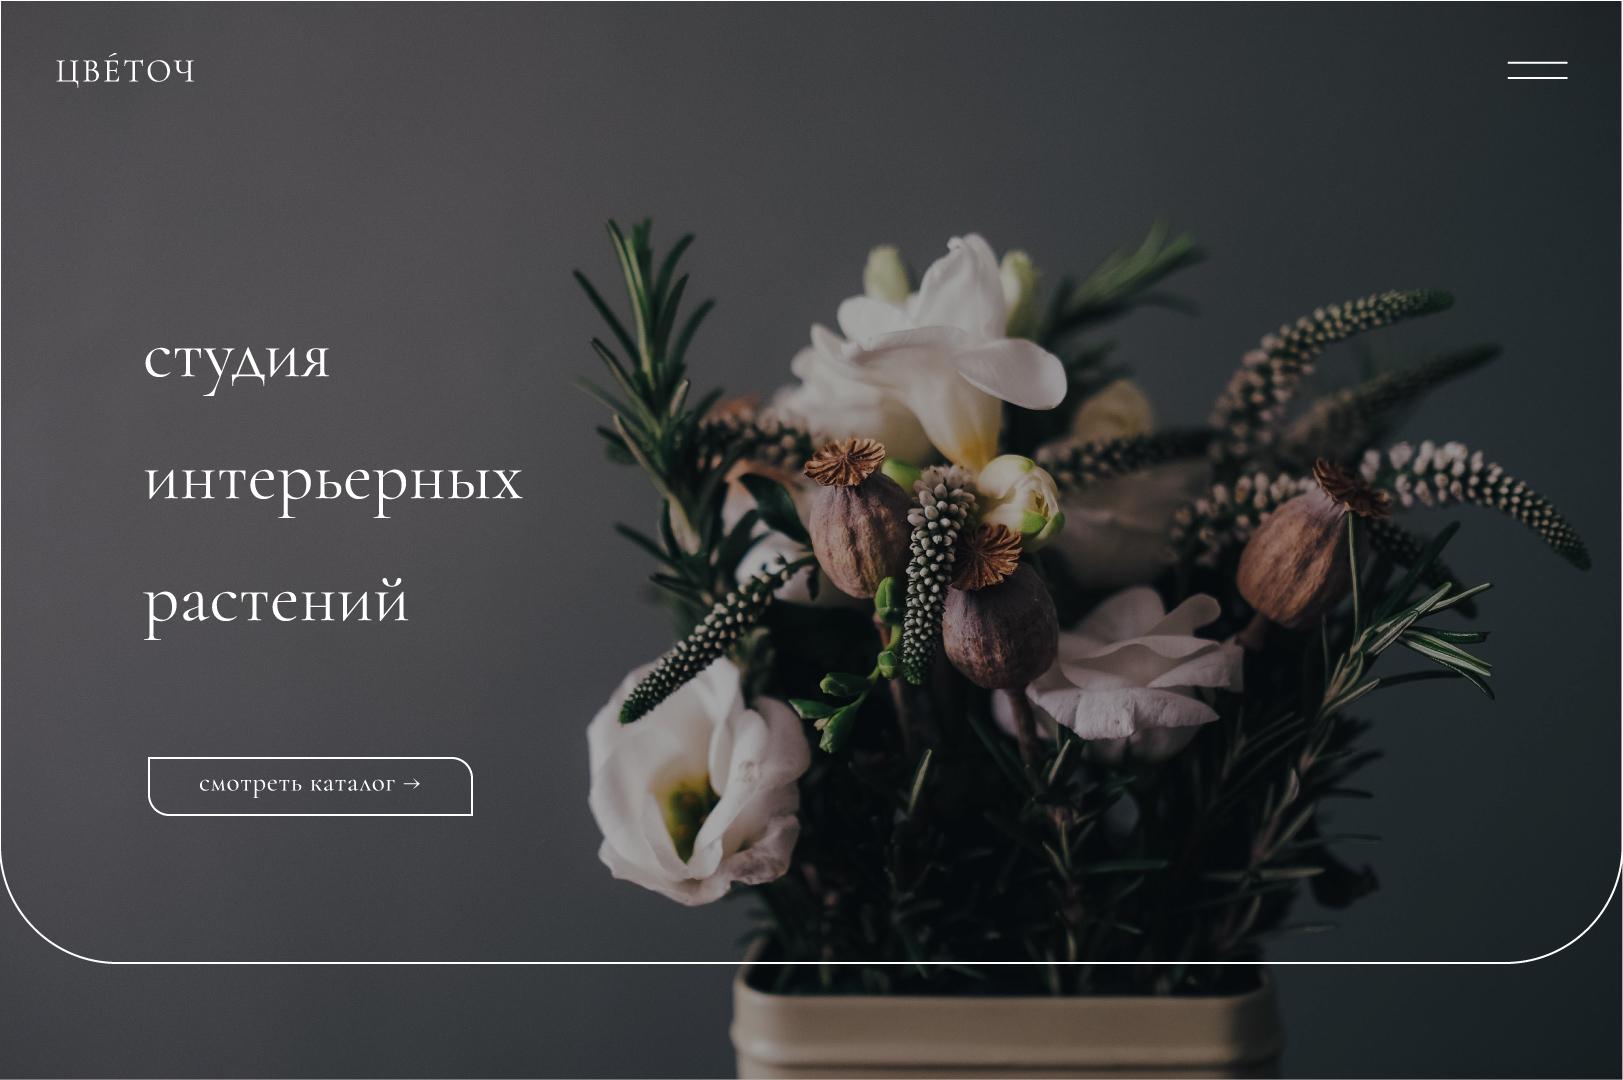 Студия интерьерных растений «Цветоч»